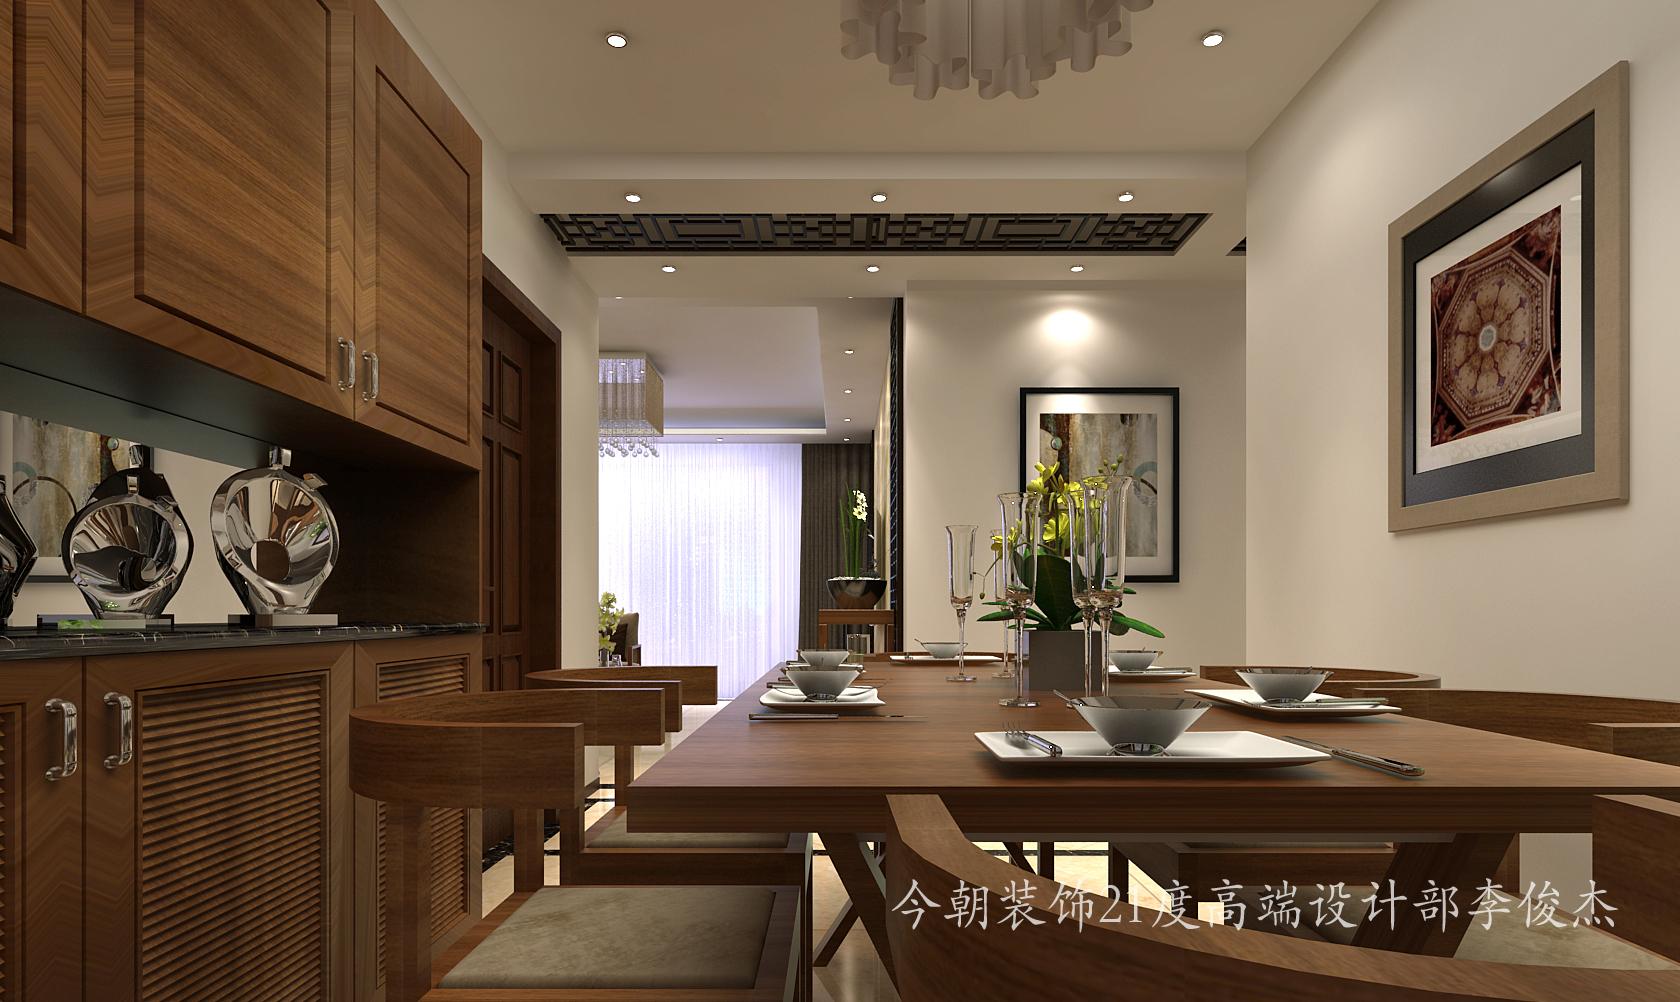 天津 今朝 装饰 设计 新中式 三居室 静海 静屿海 餐厅图片来自今朝小涵_在静屿海引领新中式的分享